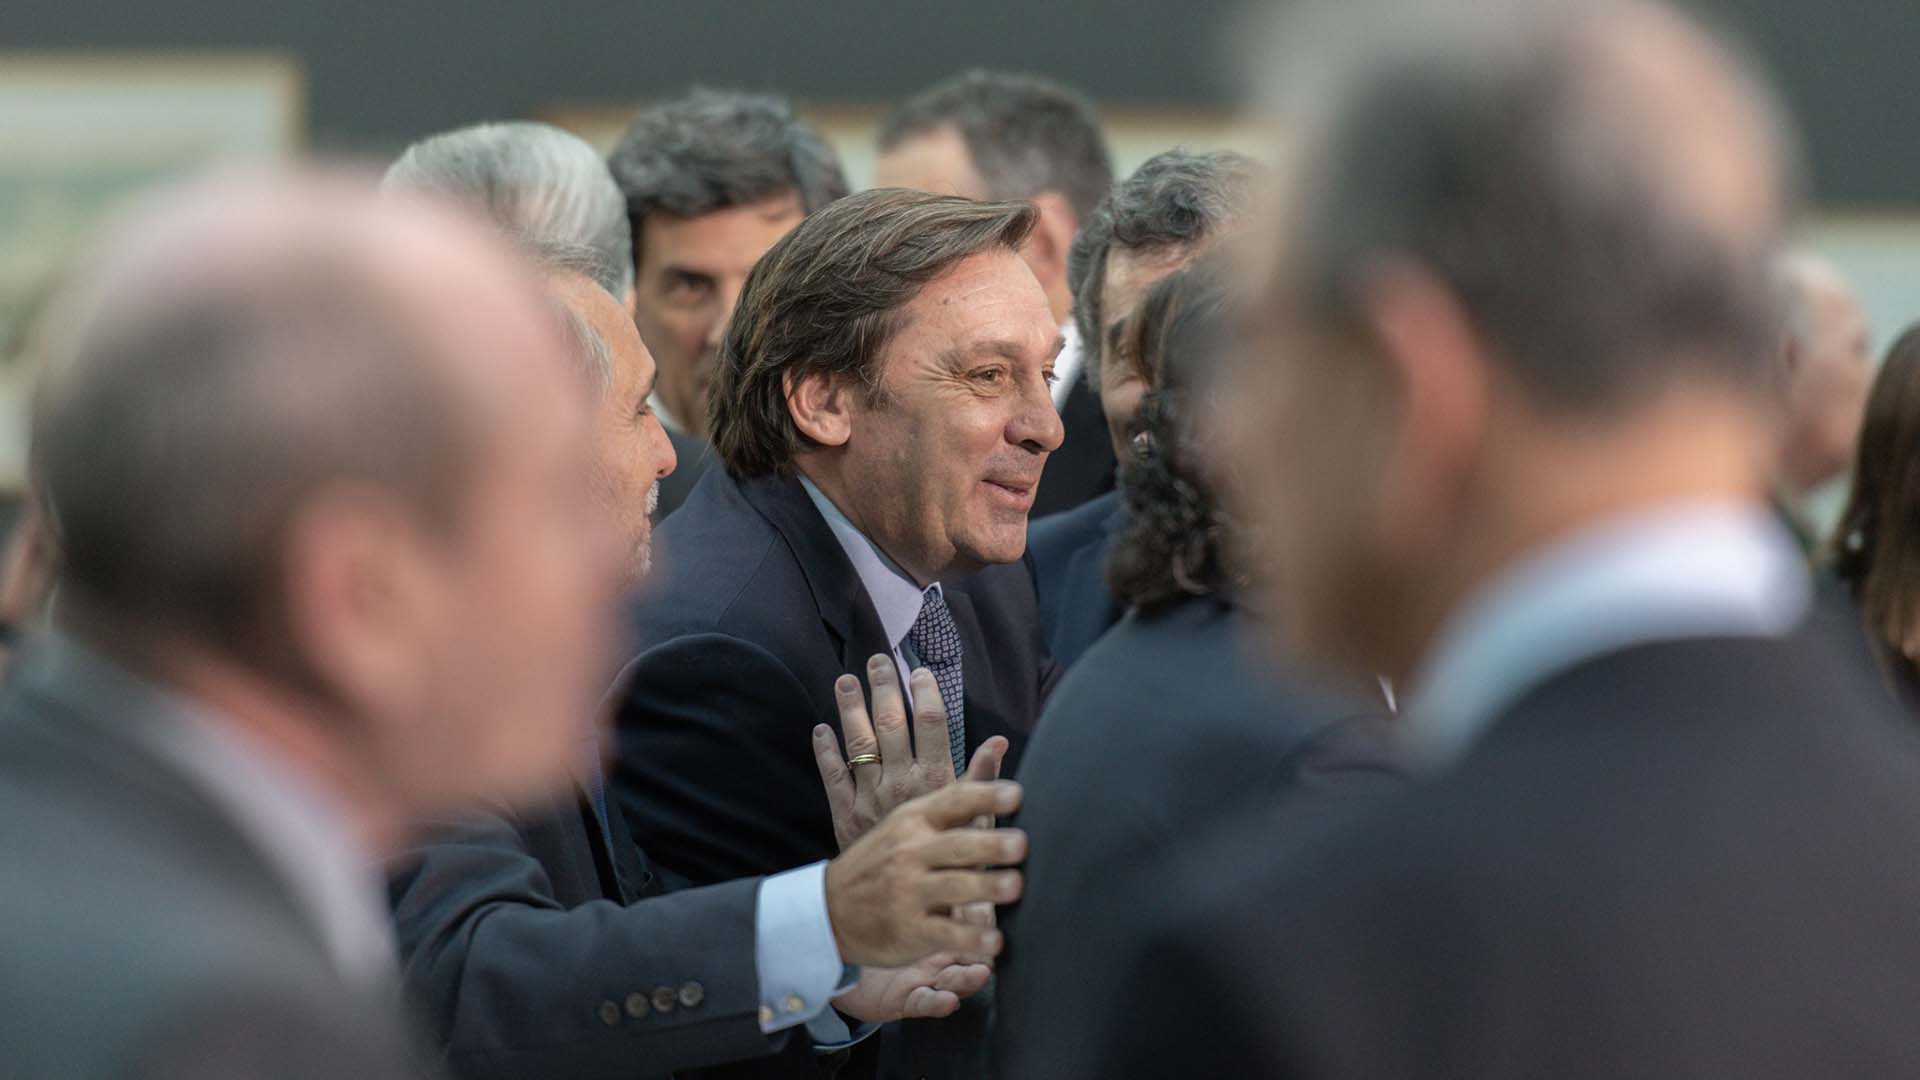 El jefe de asesores de la Presidencia José Torello